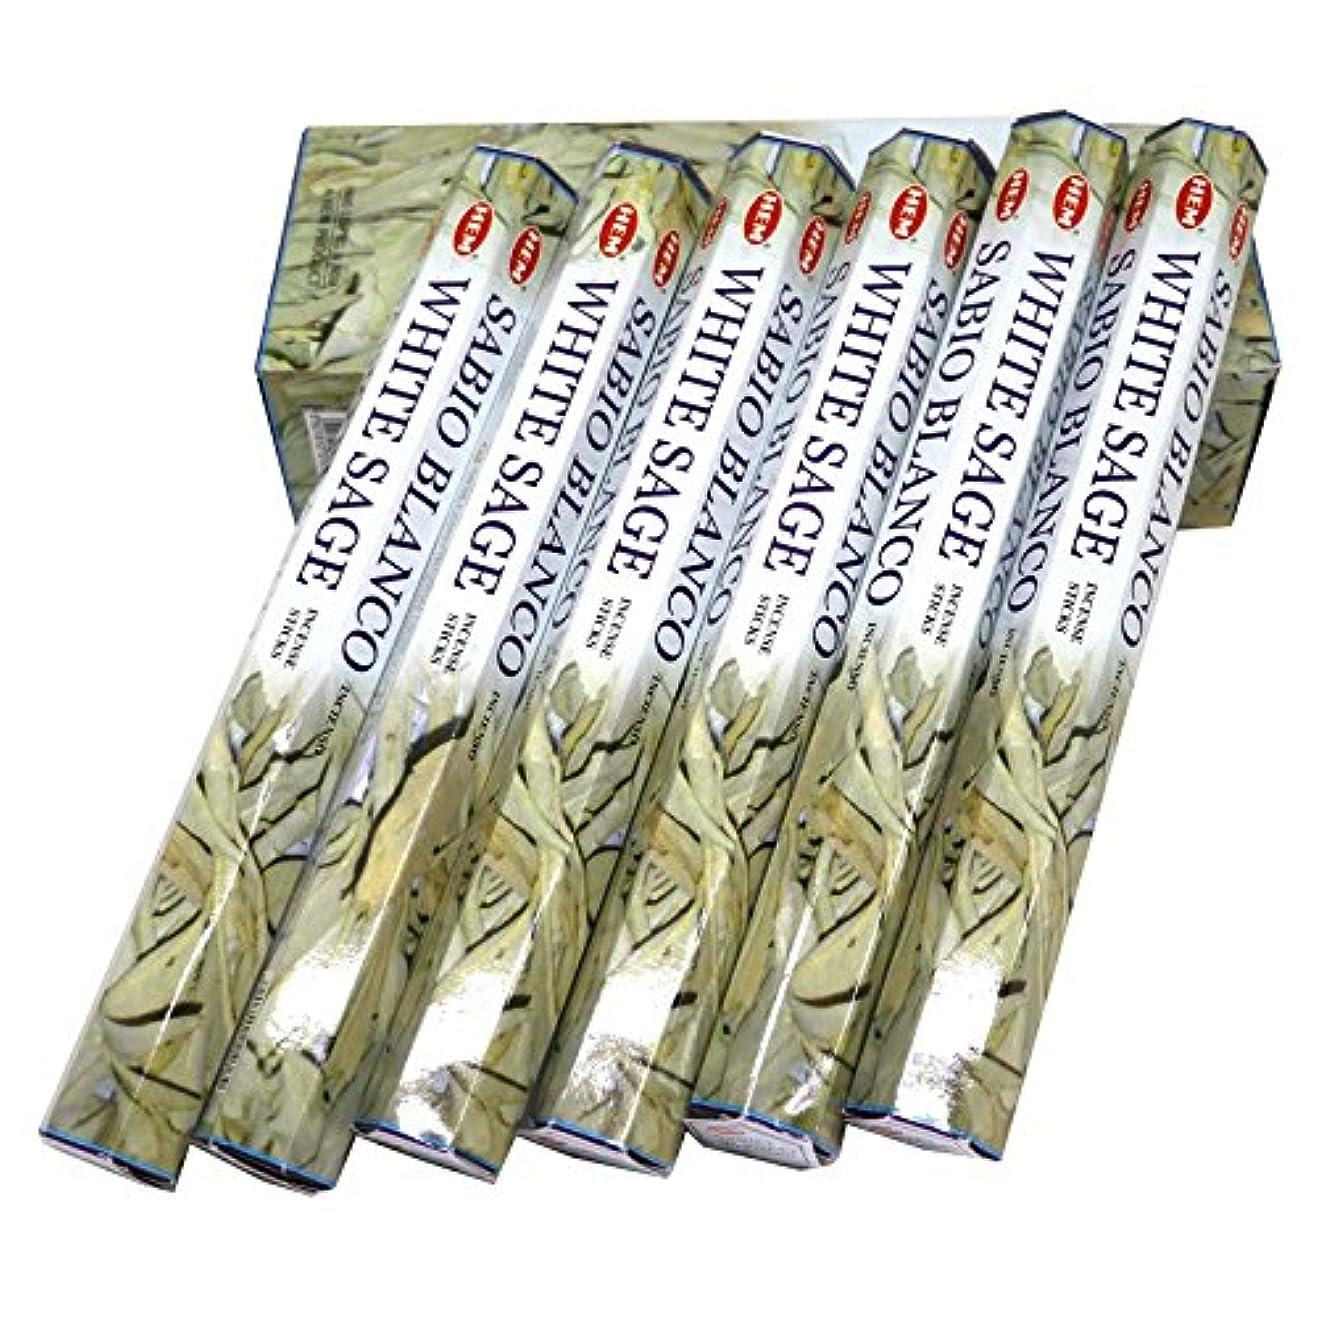 明快区別師匠HEM社 インド製 ステックタイプ香 1箱20本入 (ホワイトセージ)